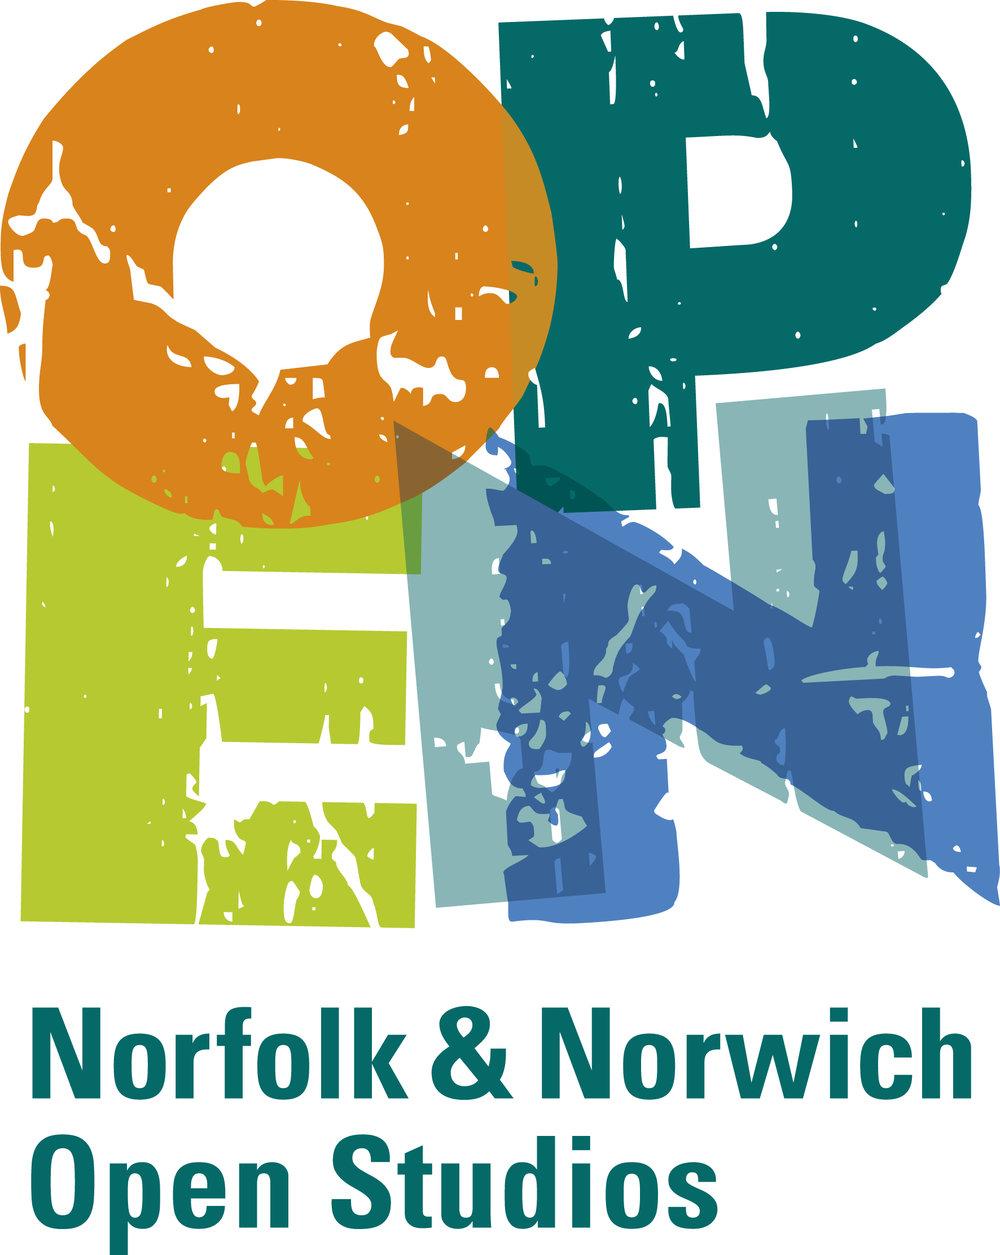 Norfolk & Norwich Open Studios Logo.jpg